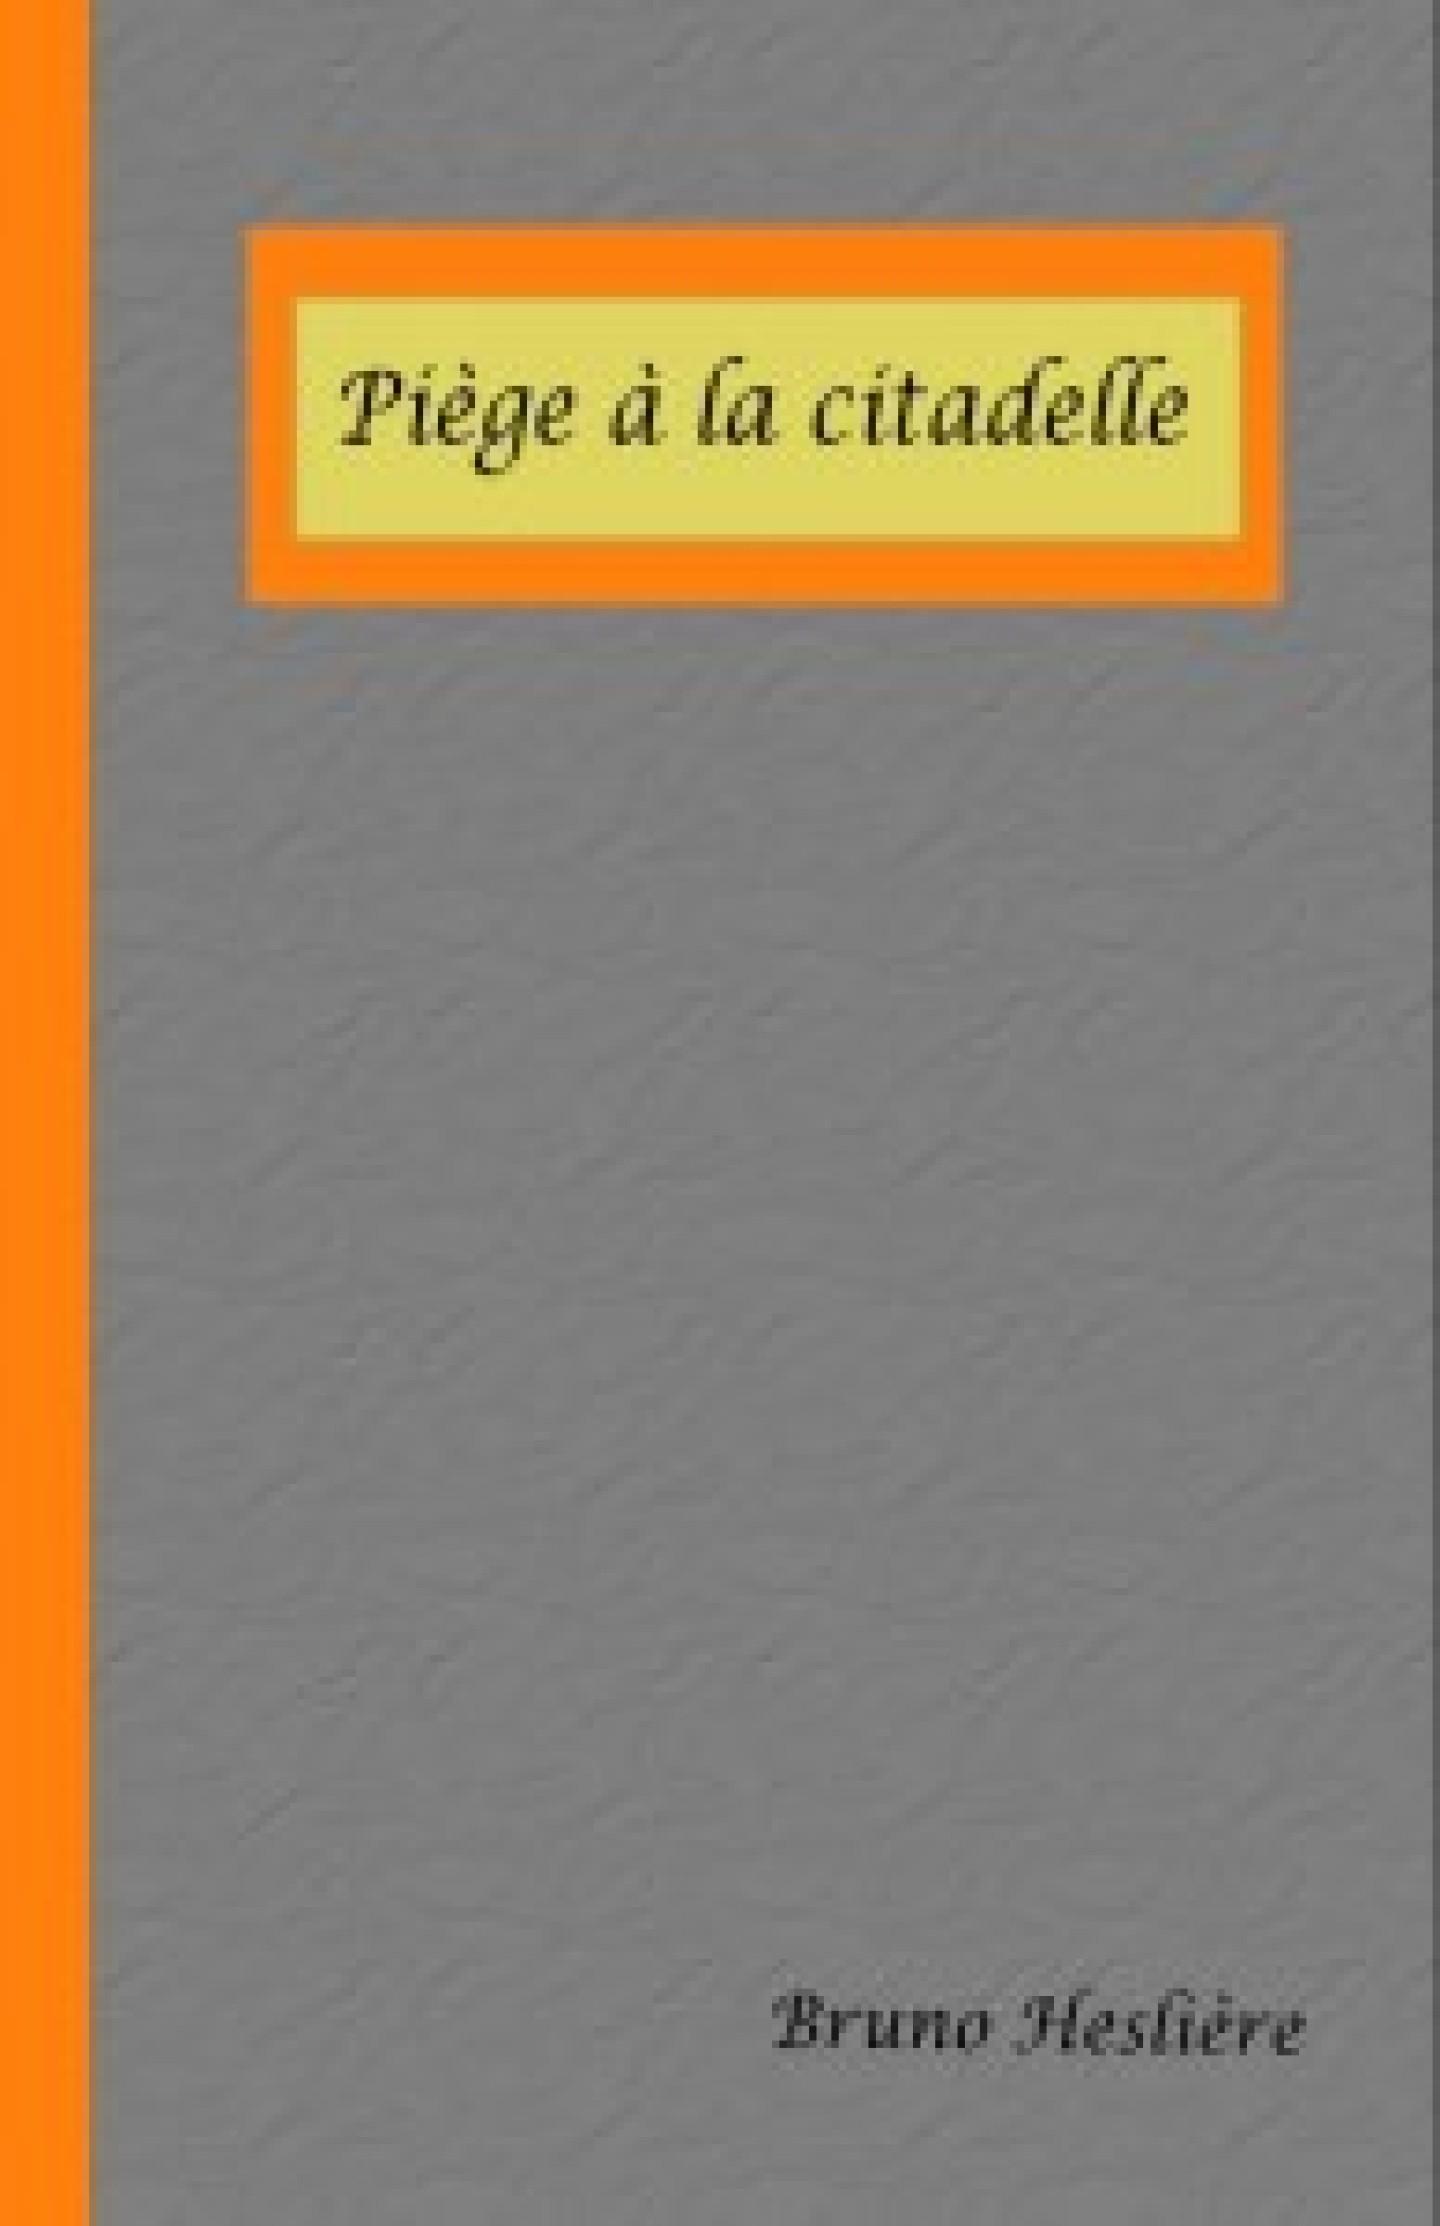 Piège à la citadelle roman de Bruno Heslière